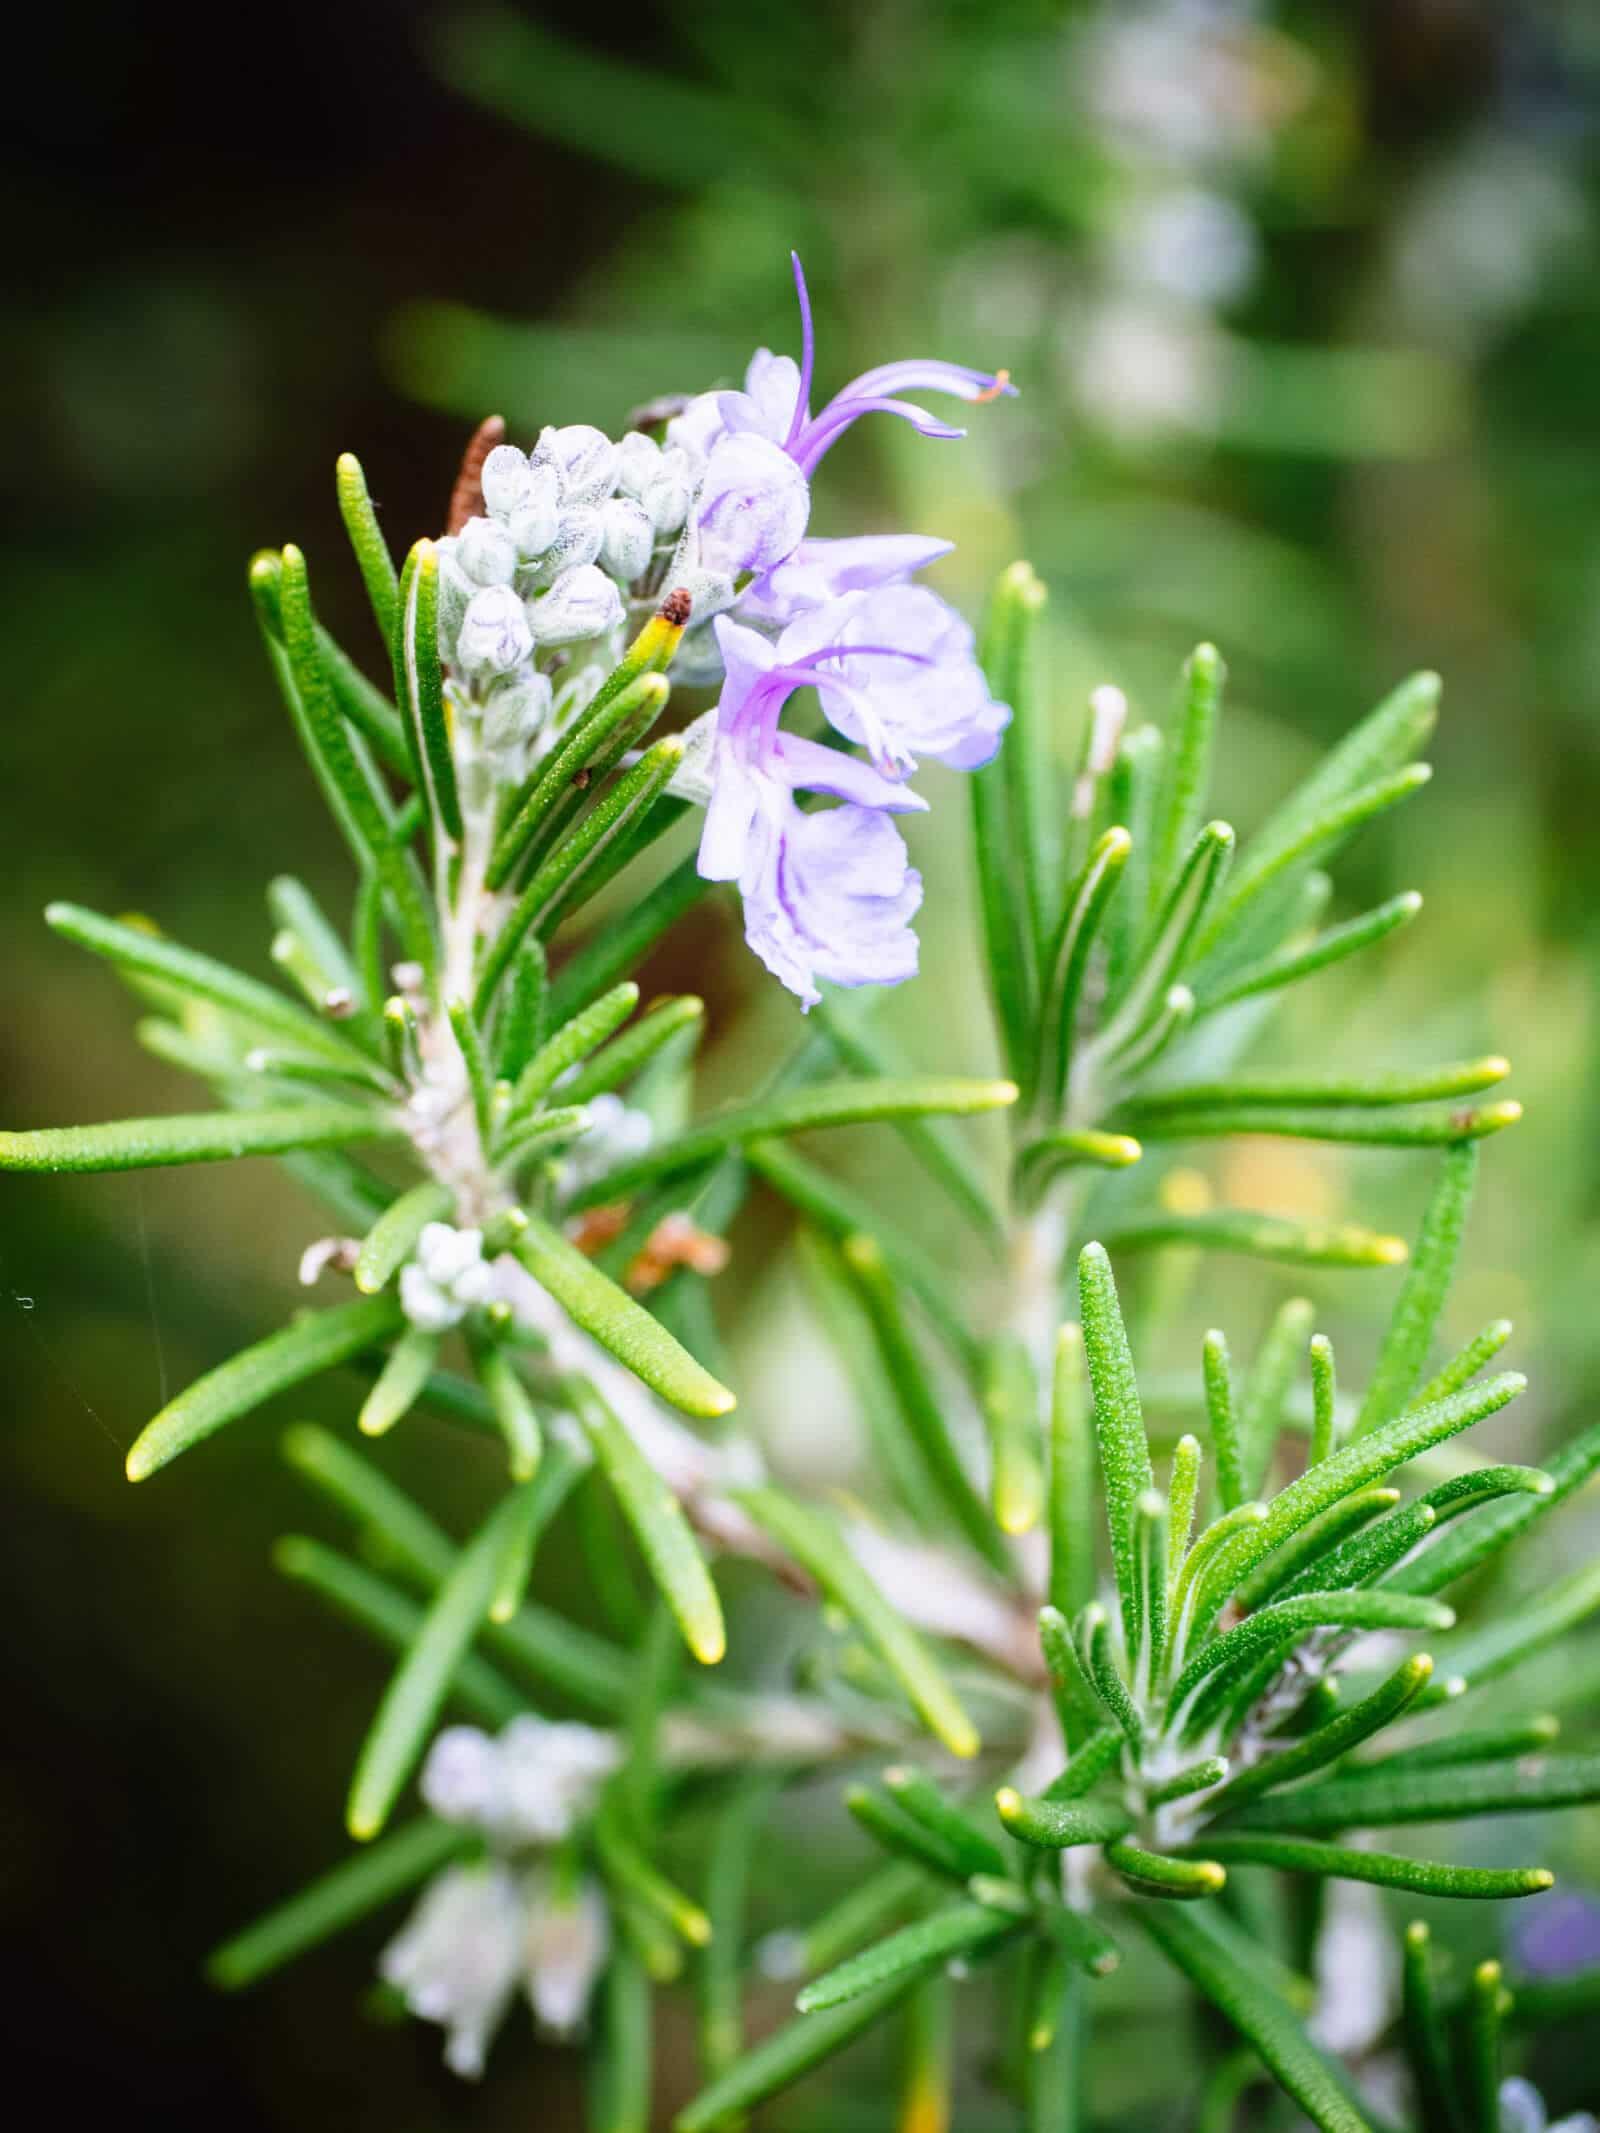 Flowering rosemary herb